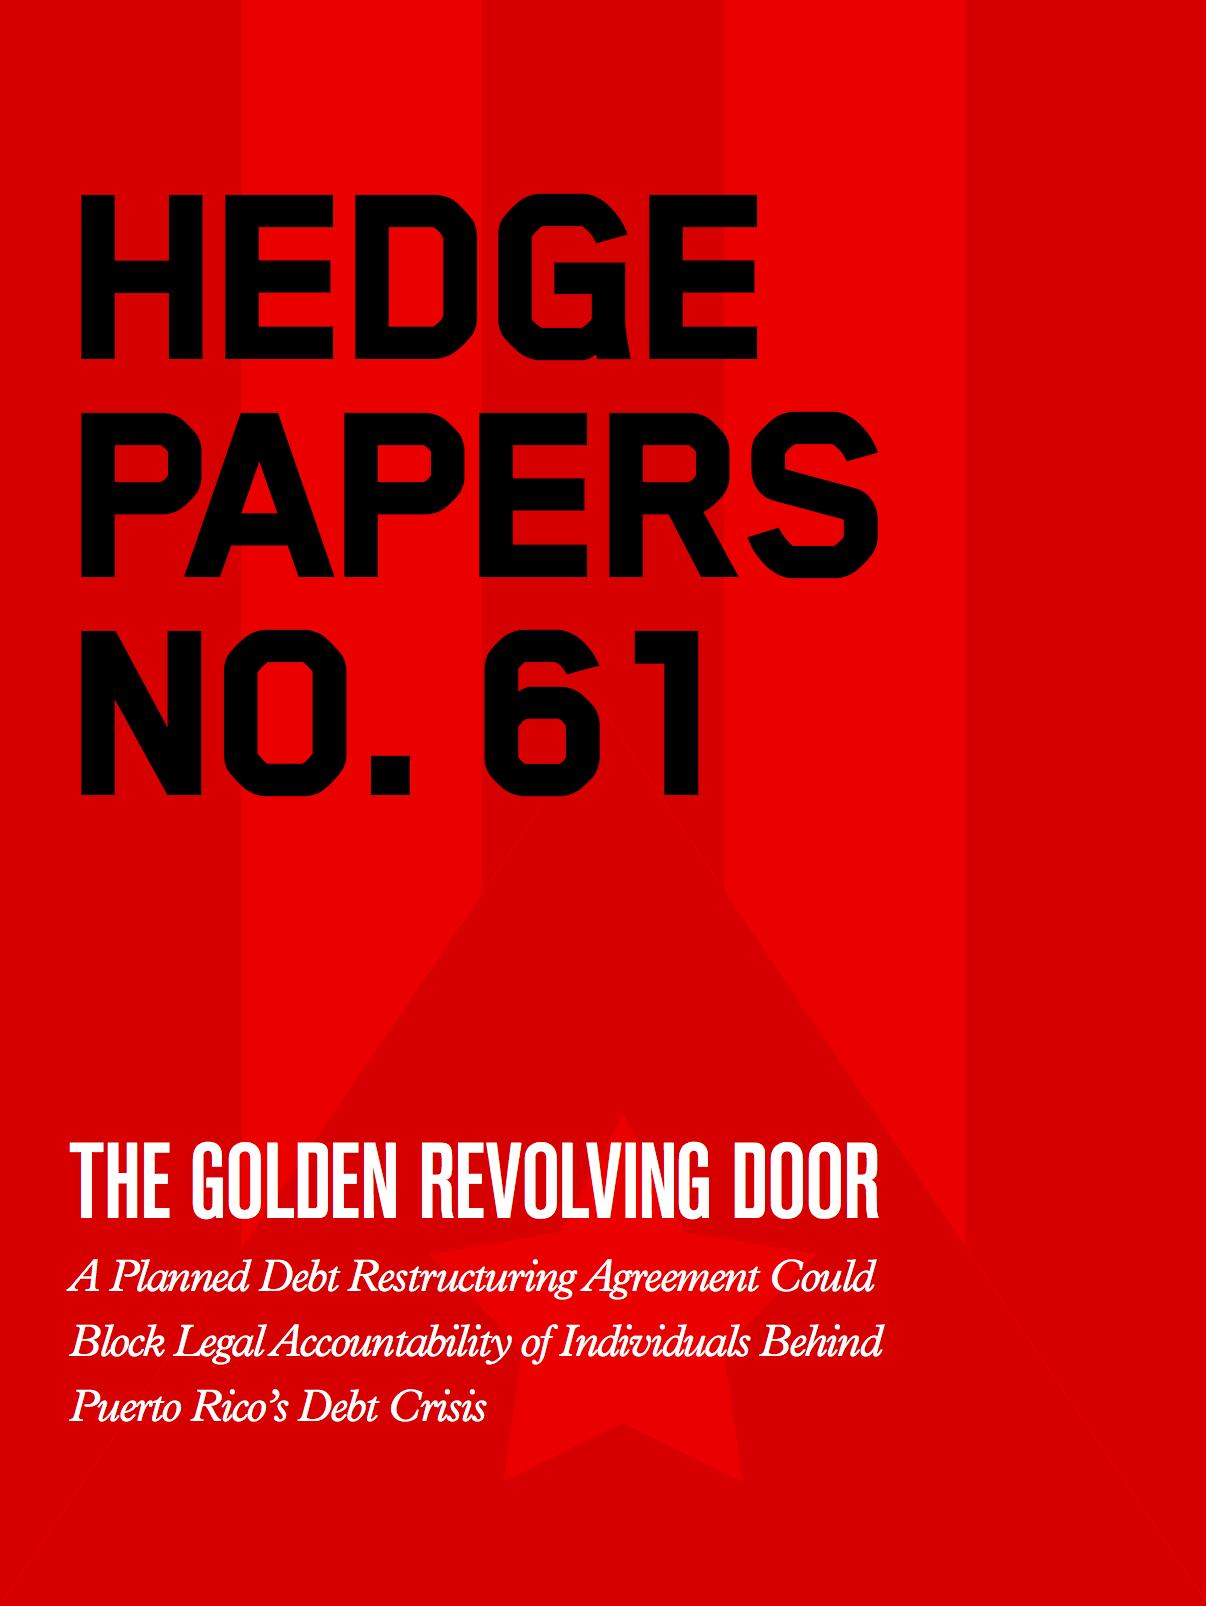 The Golden Revolving Door